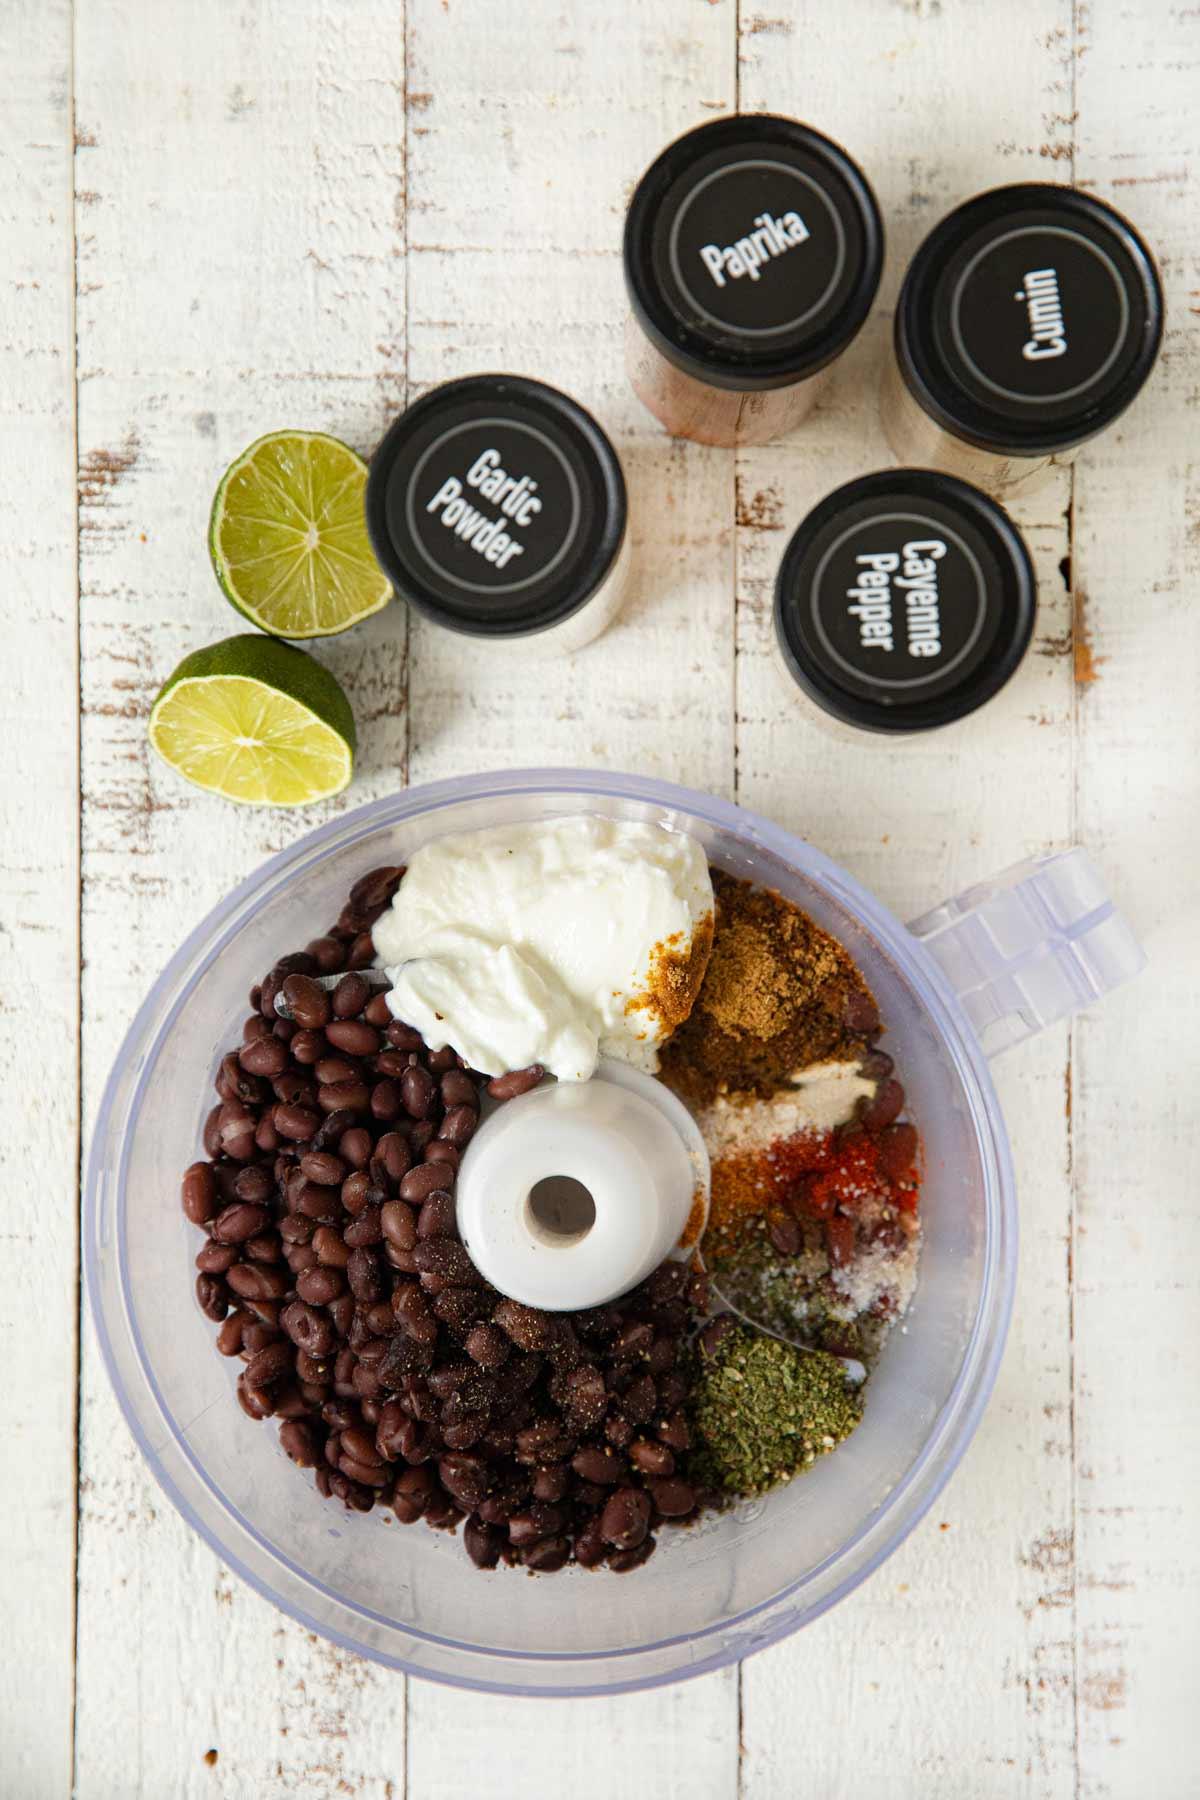 Greek Yogurt Black Bean Dip ingredients